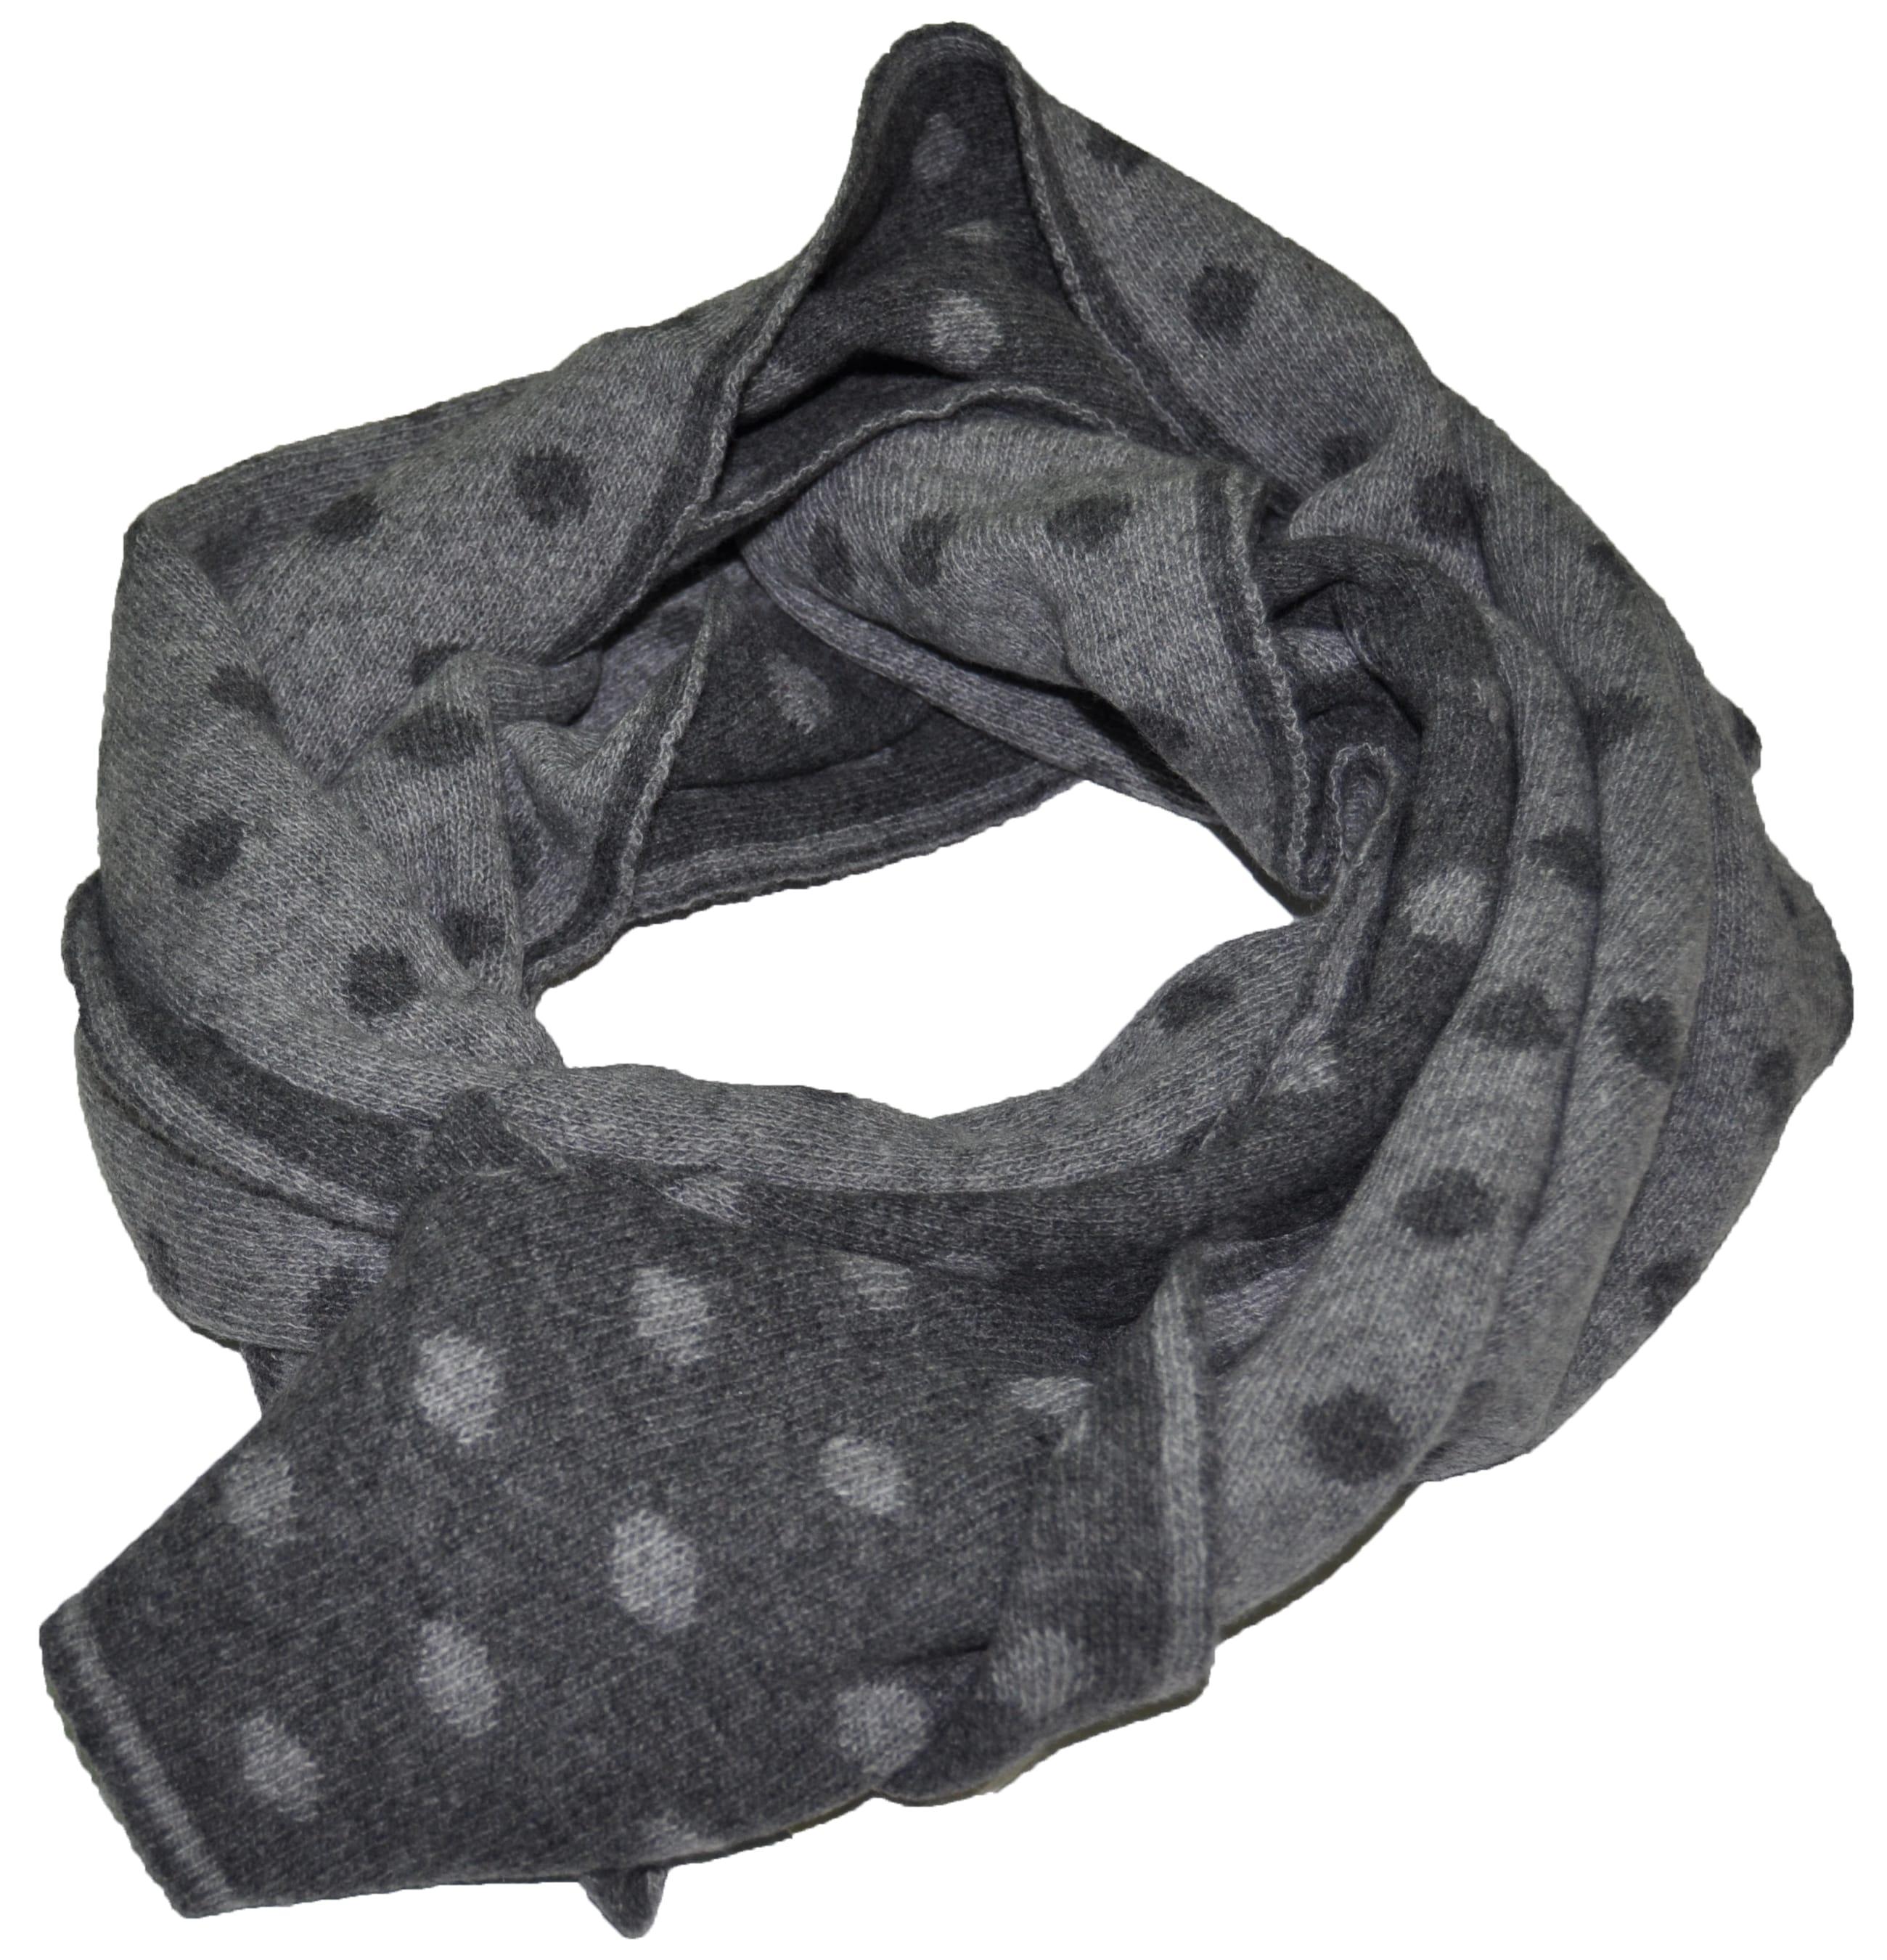 prezzo speciale per spedizione gratuita di modo attraente Sciarpa misto cashmere fantasia pois, bicolor e double face, unisex